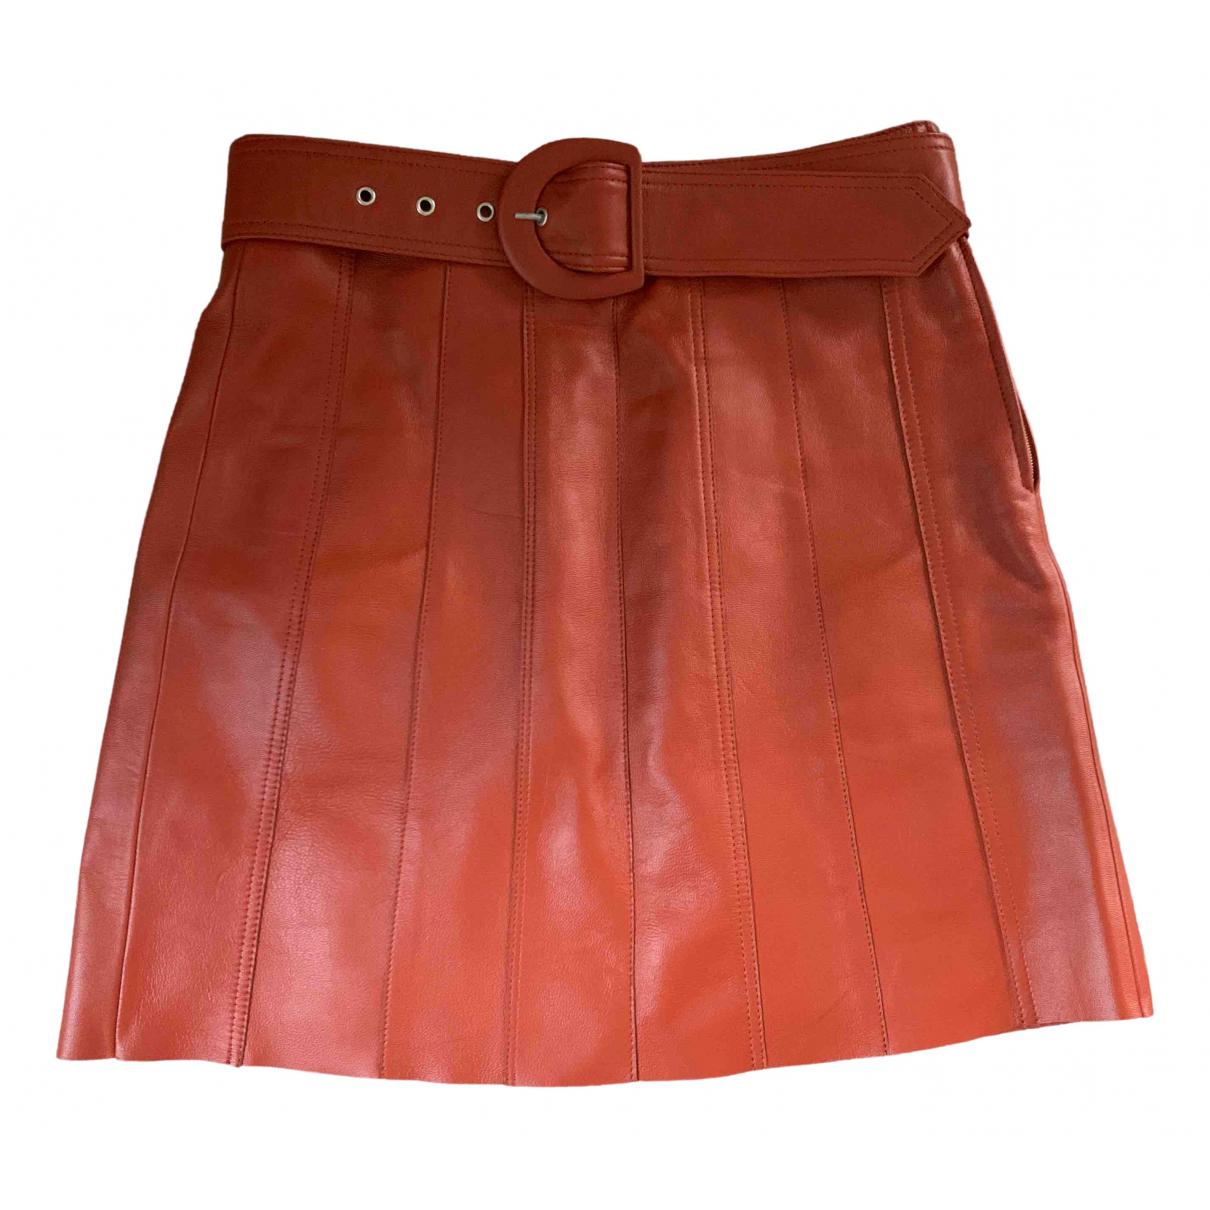 Sandro Spring Summer 2019 Orange Leather skirt for Women 38 FR